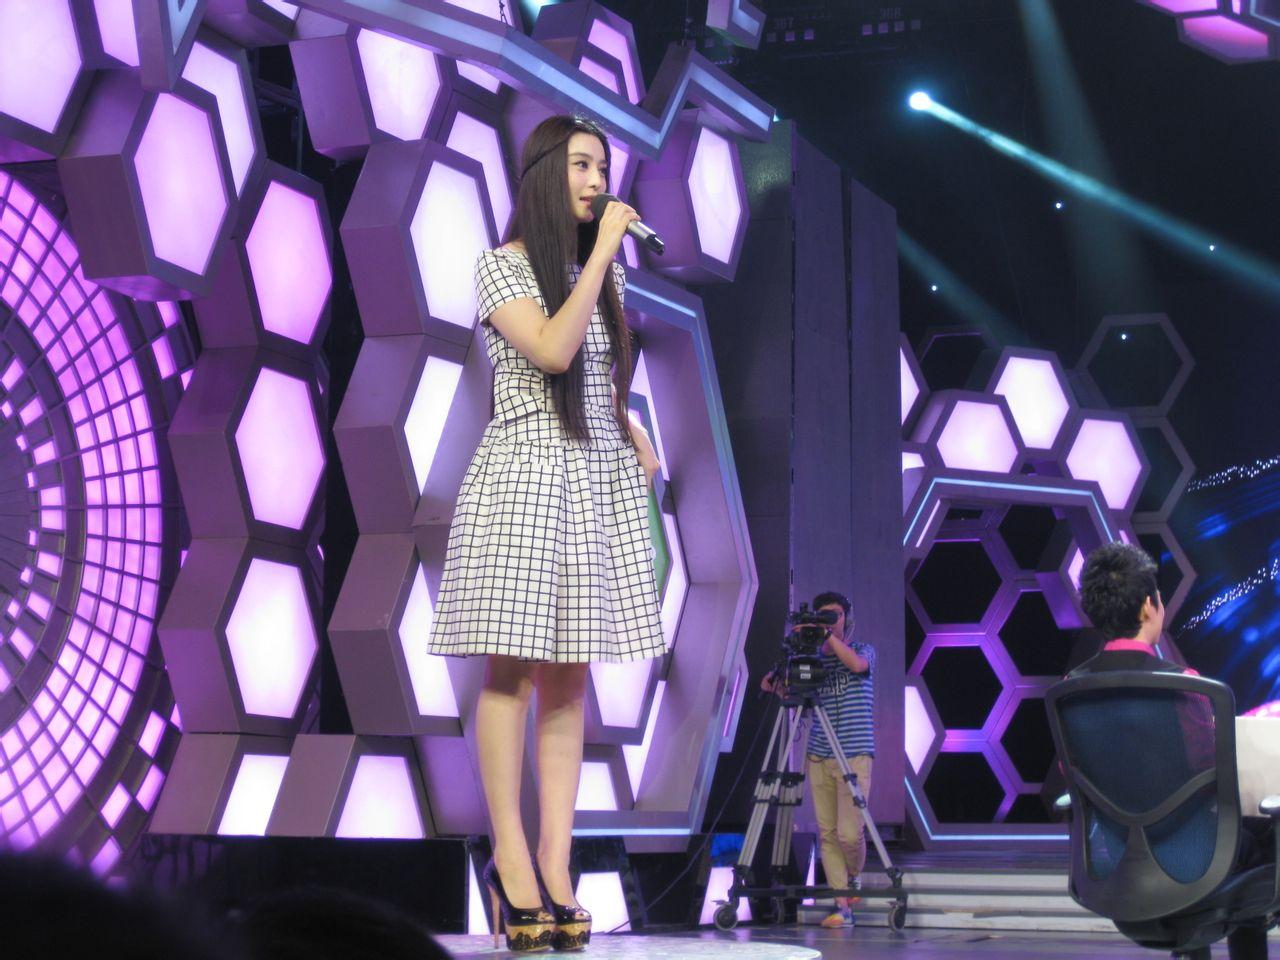 2012年9月15日,范冰冰在快乐大本营中穿的连衣裙是什么牌子的呢?